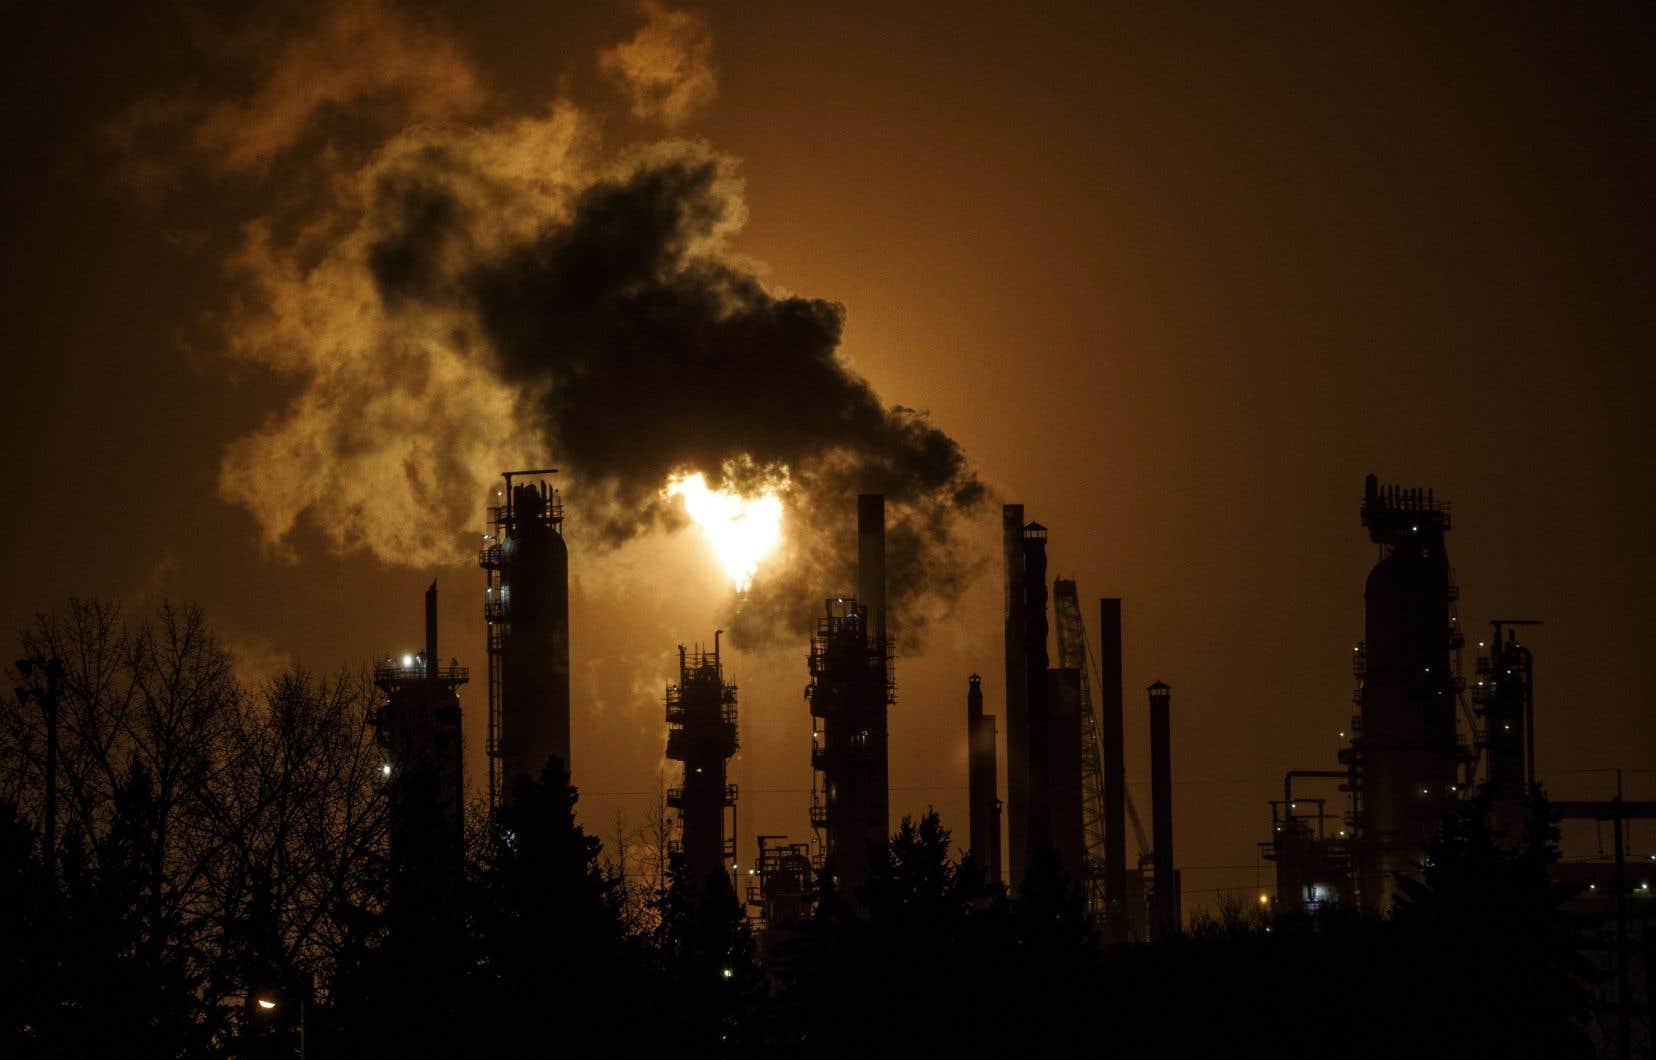 La taxe carbone fédérale s'élève présentement à 20$ la tonne. Le gouvernement de Justin Trudeau prévoyait une augmentation graduelle de cette tarification de 10$ par an pour atteindre 50$ en 2022.